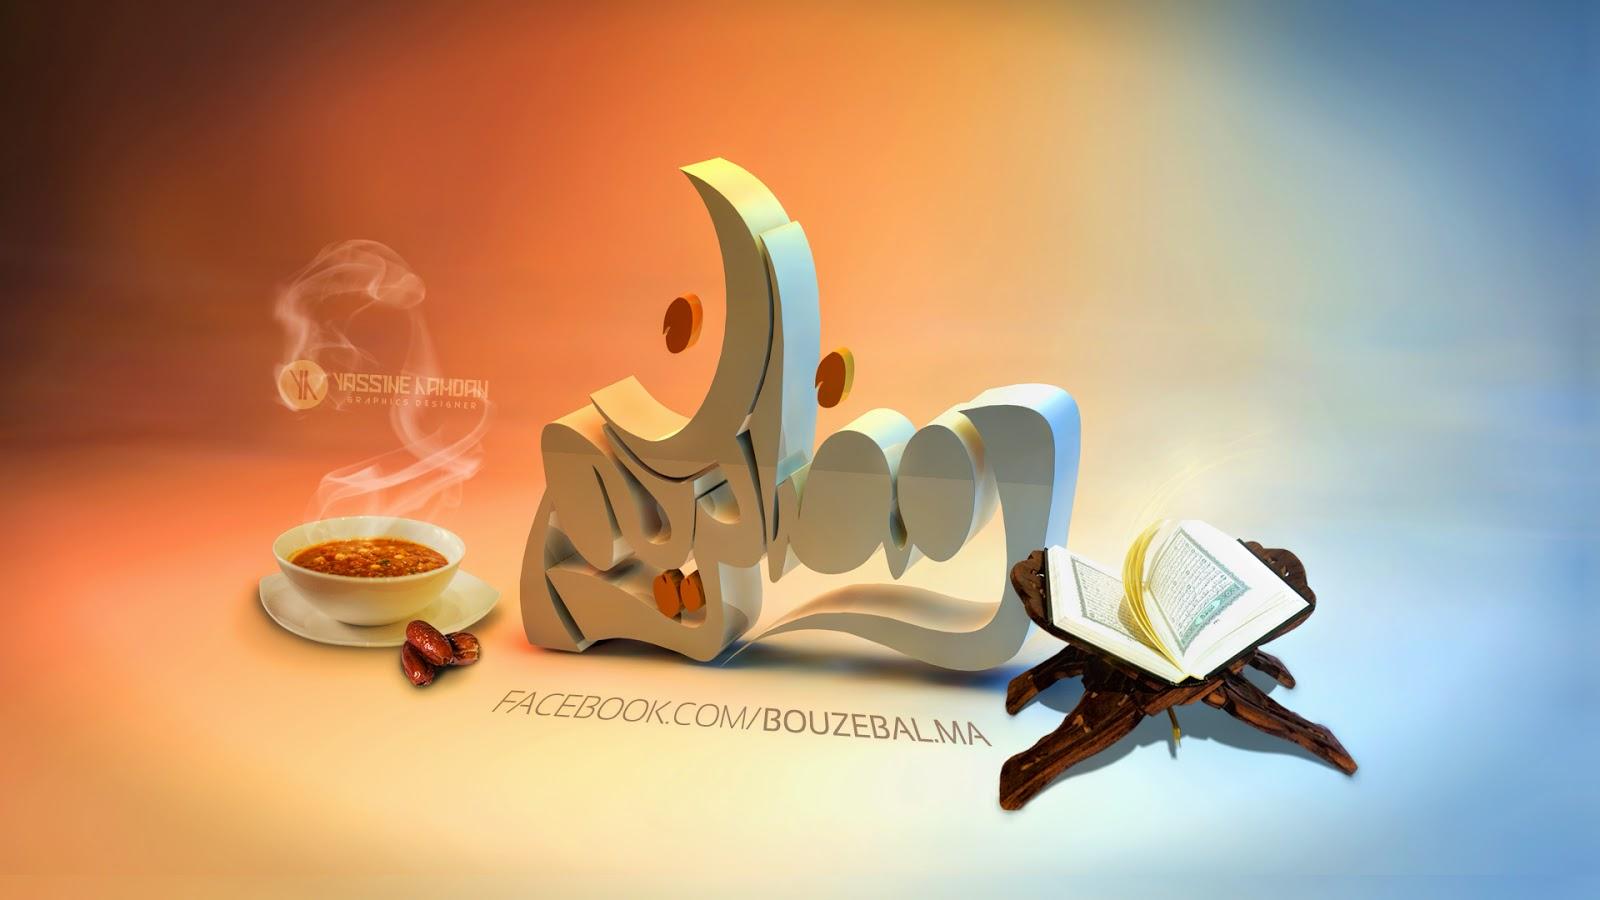 احلى صور رمضان كريم 1438 - صور رمضان كريم متحركة فيس بوك - خلفيات مكتوبة عليها كلام لرمضان new_1433688417_140.j